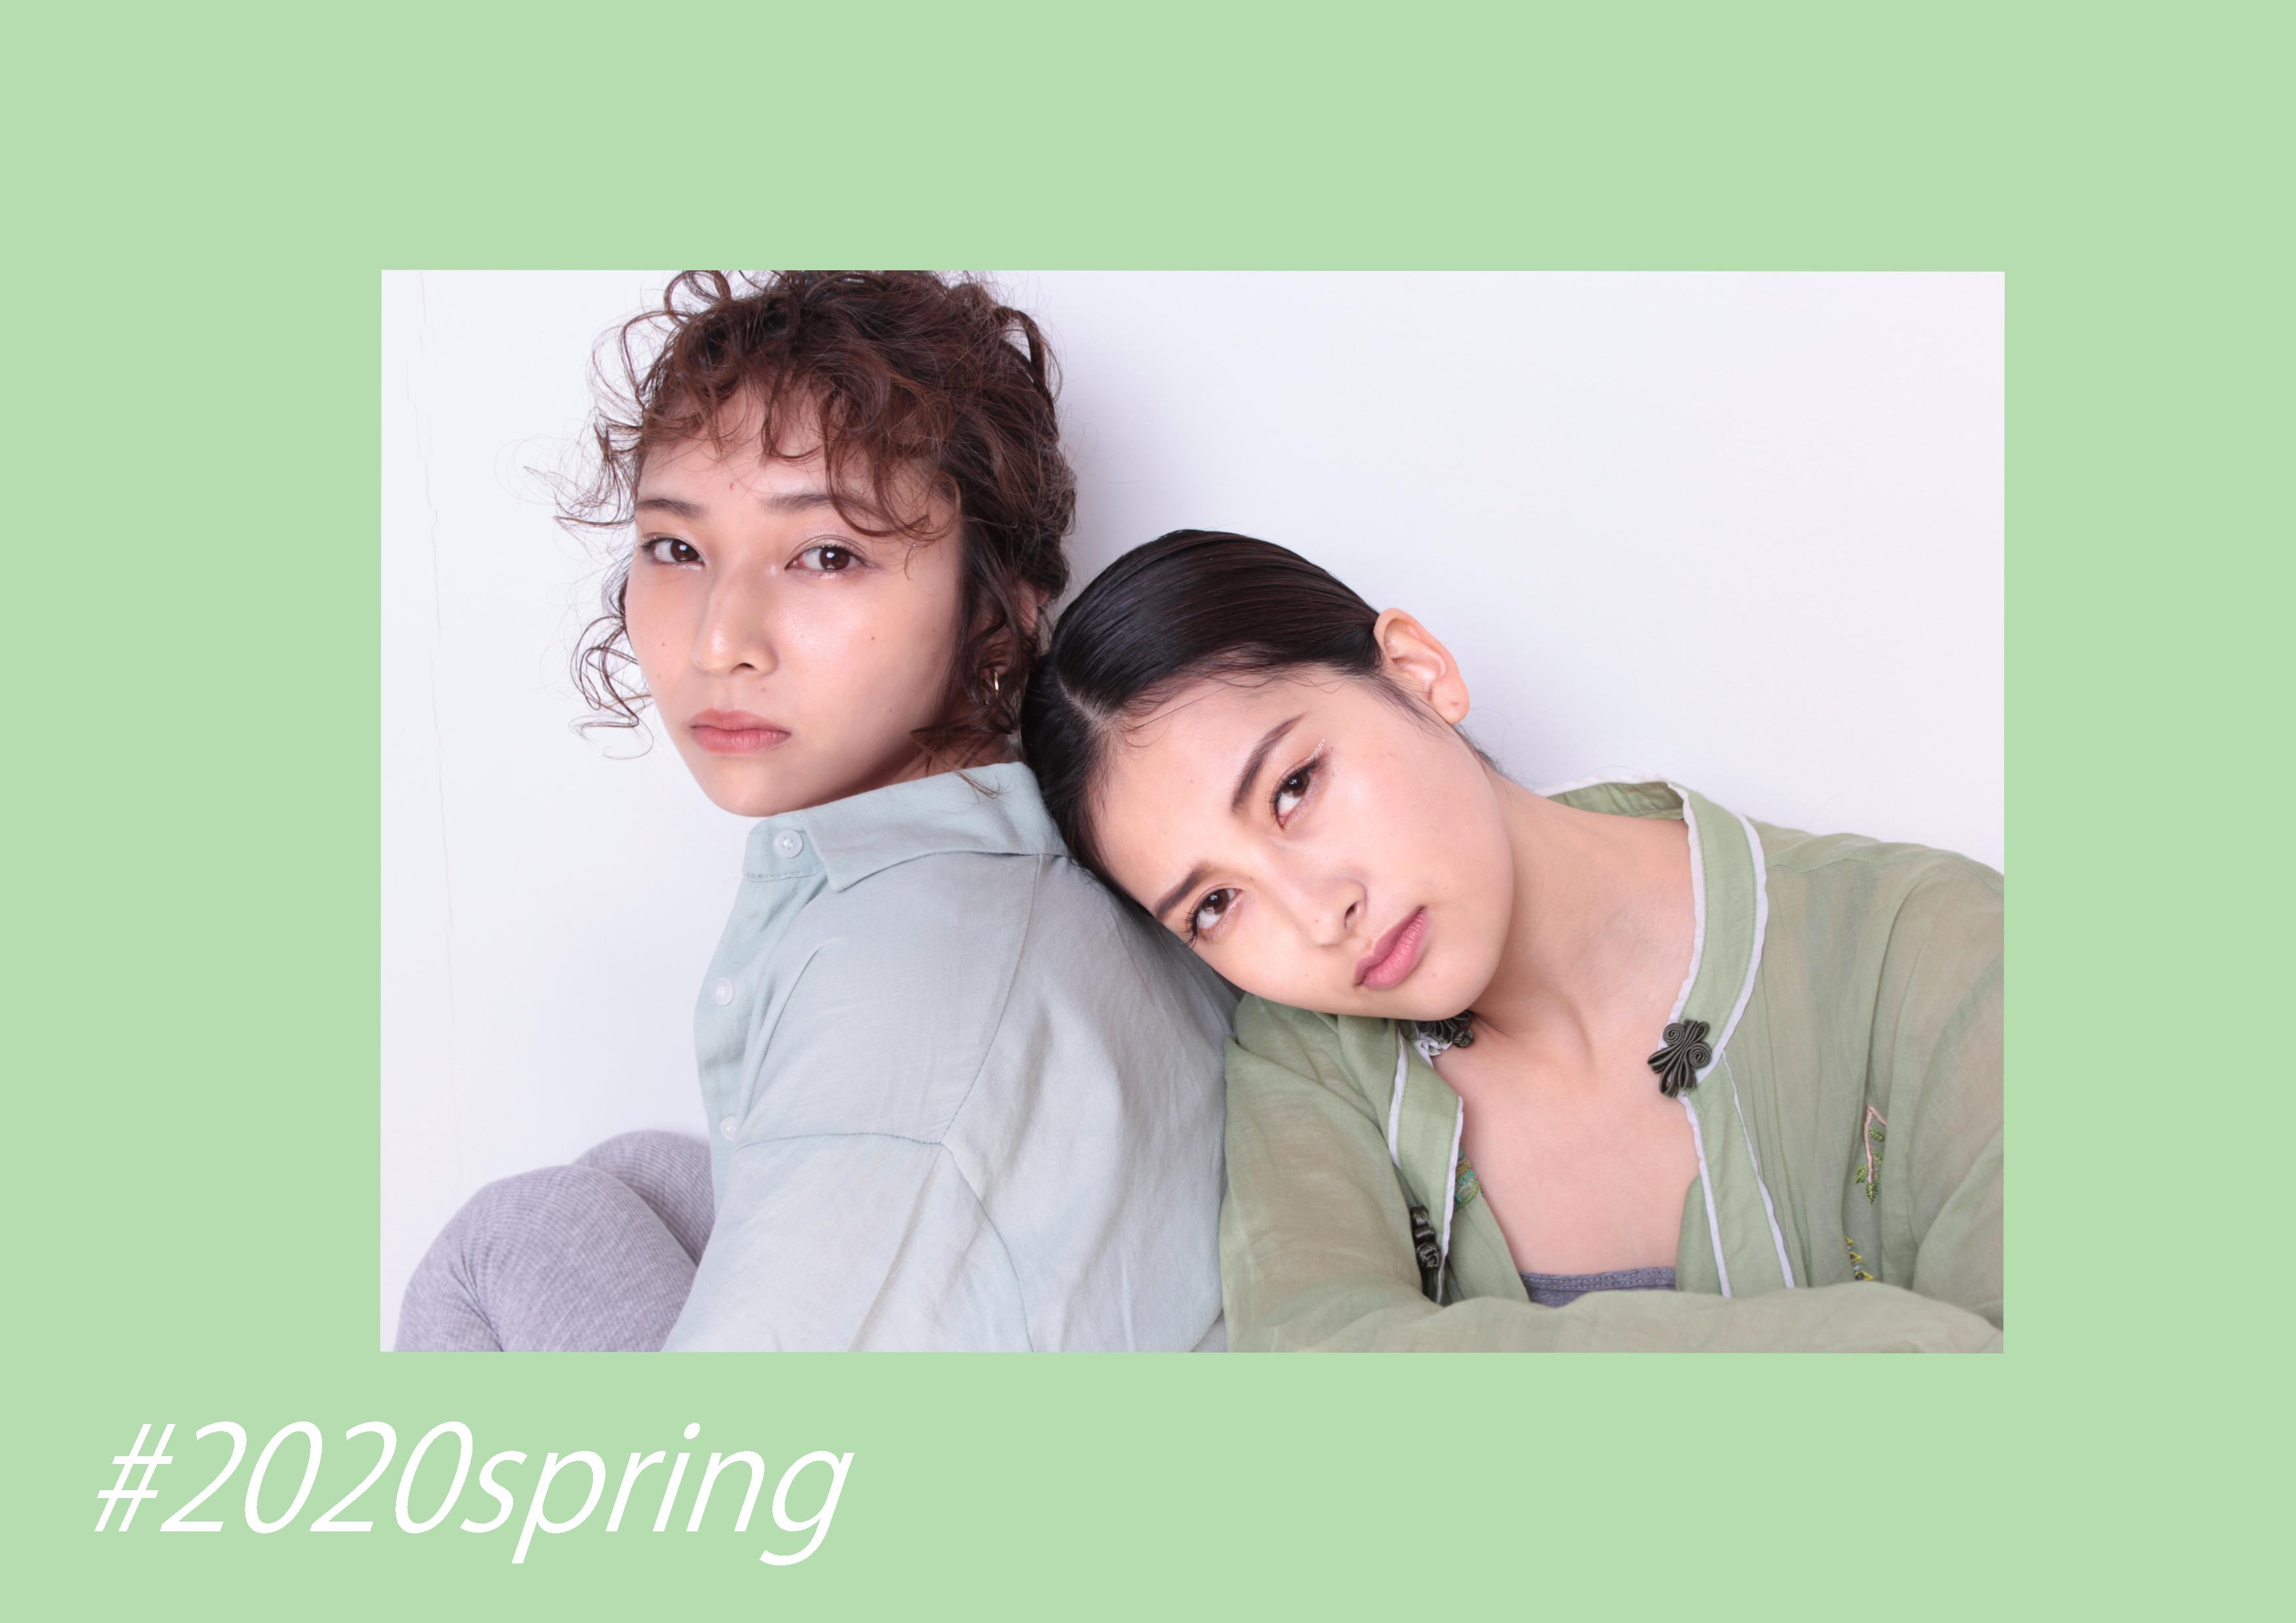 2020spring2.jpg